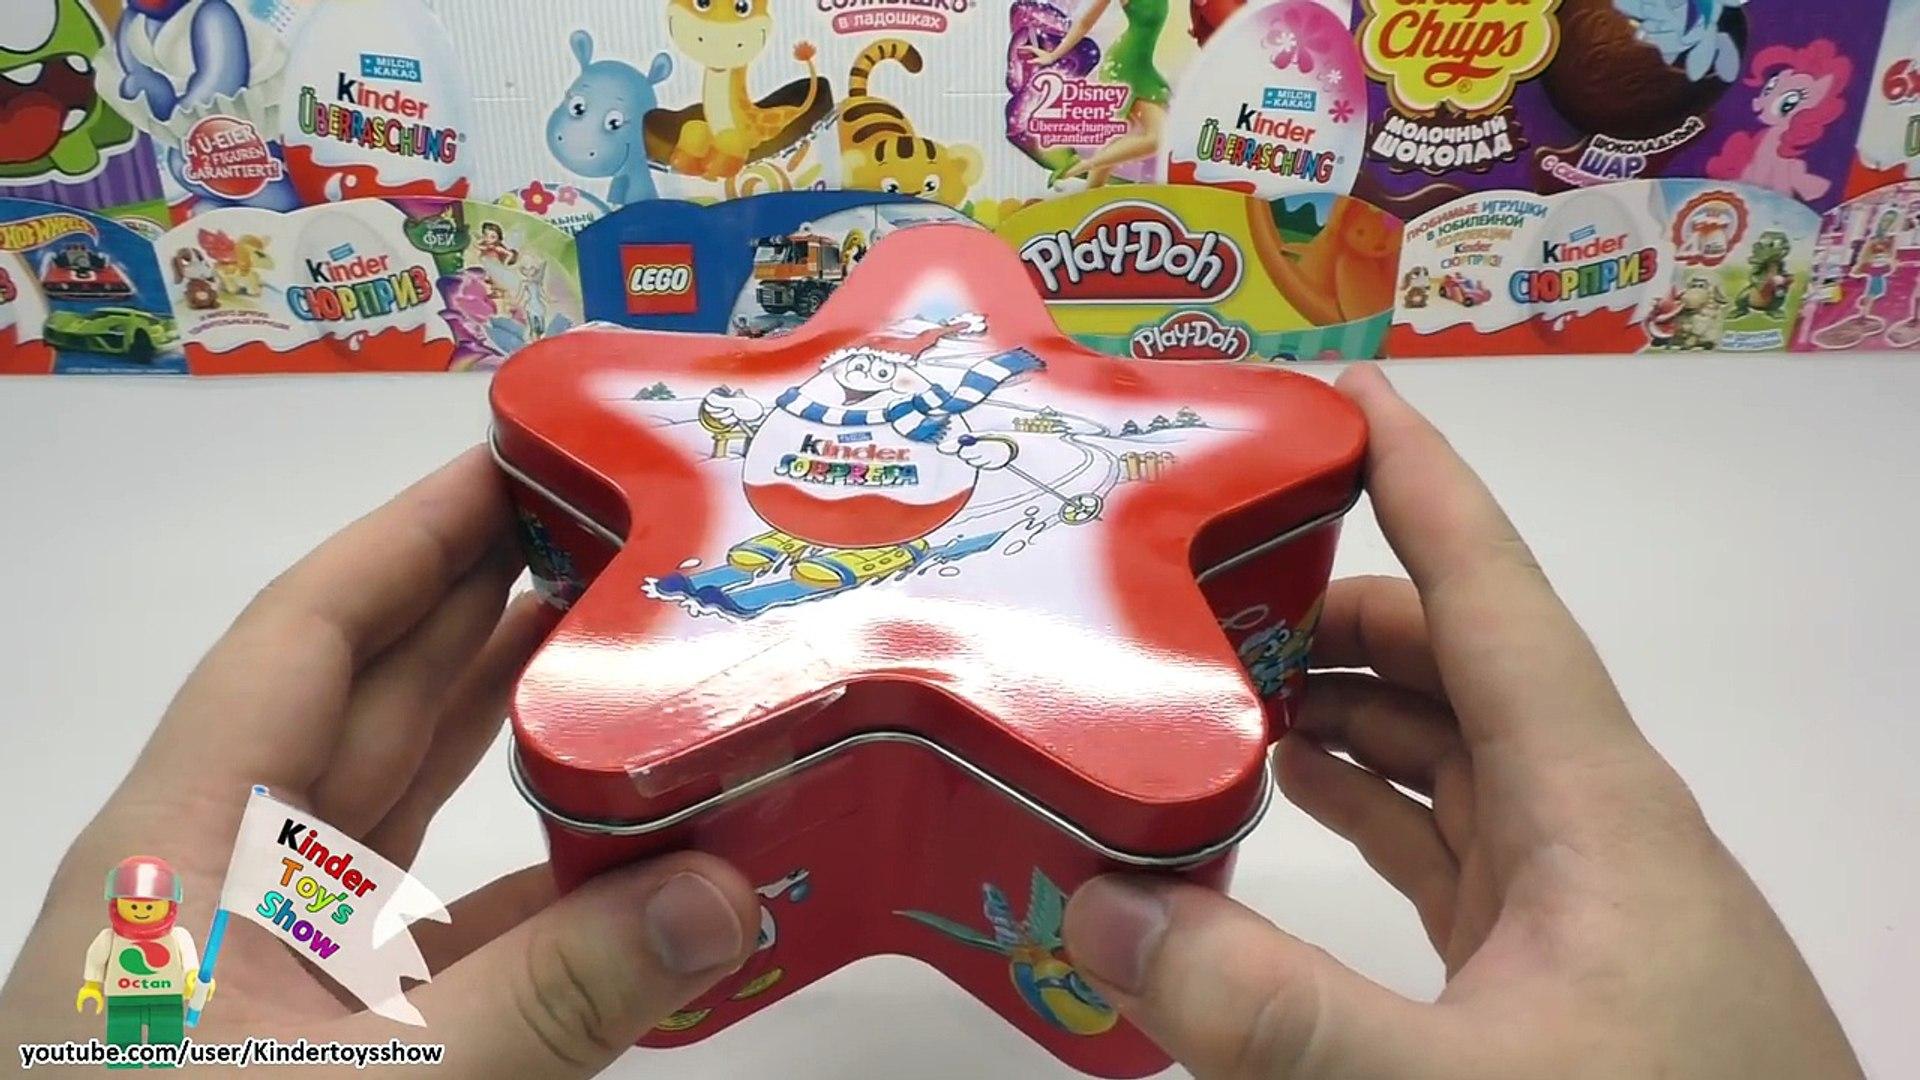 Набор Киндер Рождественская звезда, Киндер Сюрприз 2001 год Kinder Sopresa